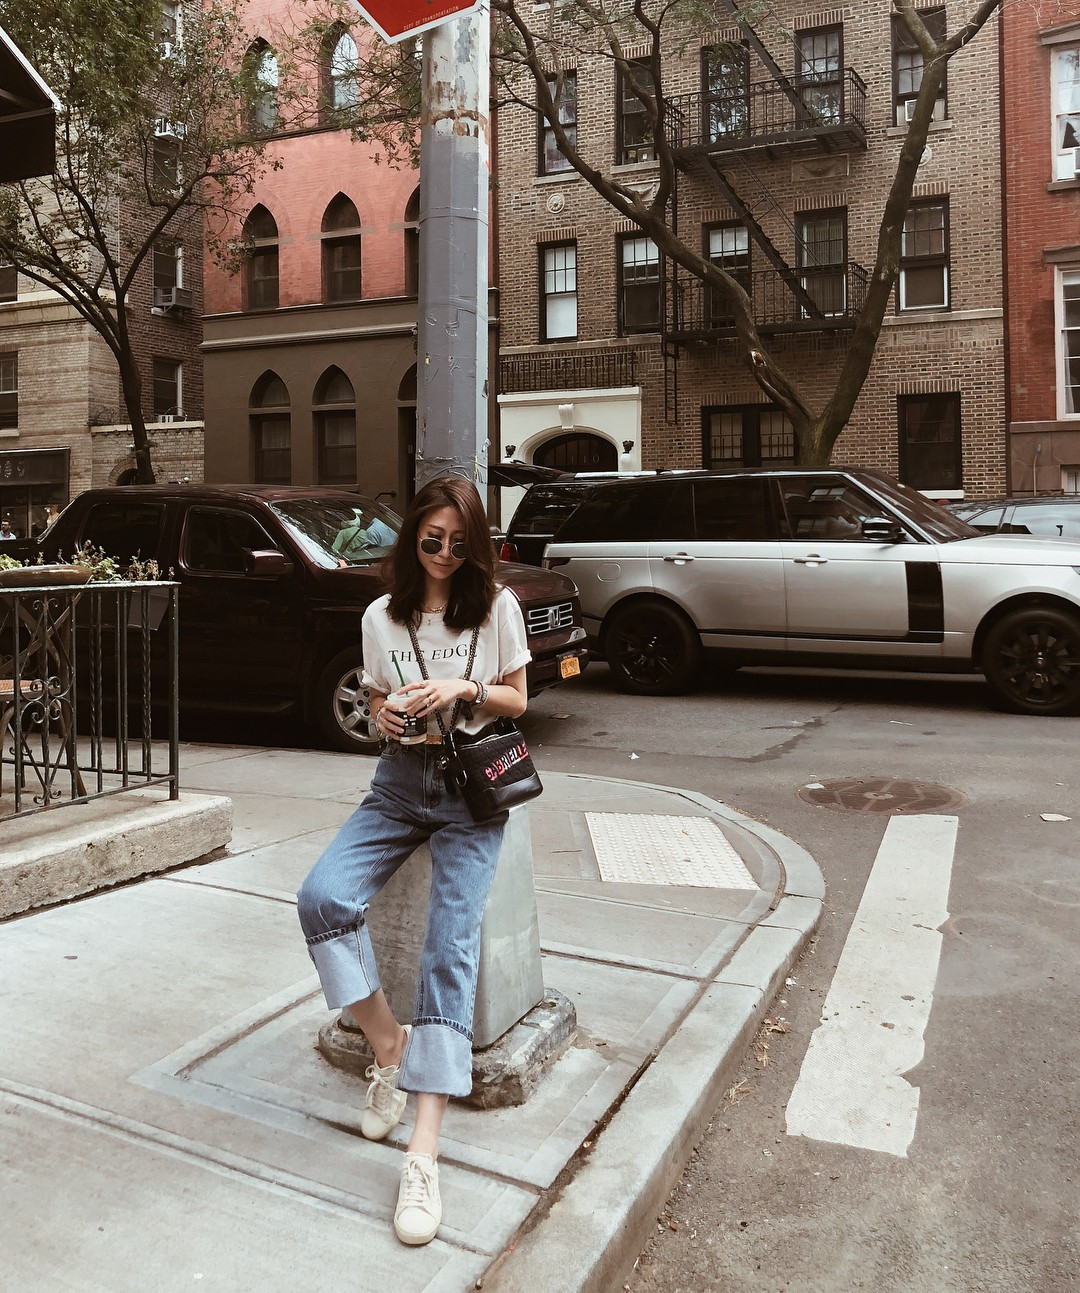 Bảo chứng cho vẻ sành điệu là combo áo phông – quần jeans với 15 ý tưởng diện mãi không biết chán này  - Ảnh 9.